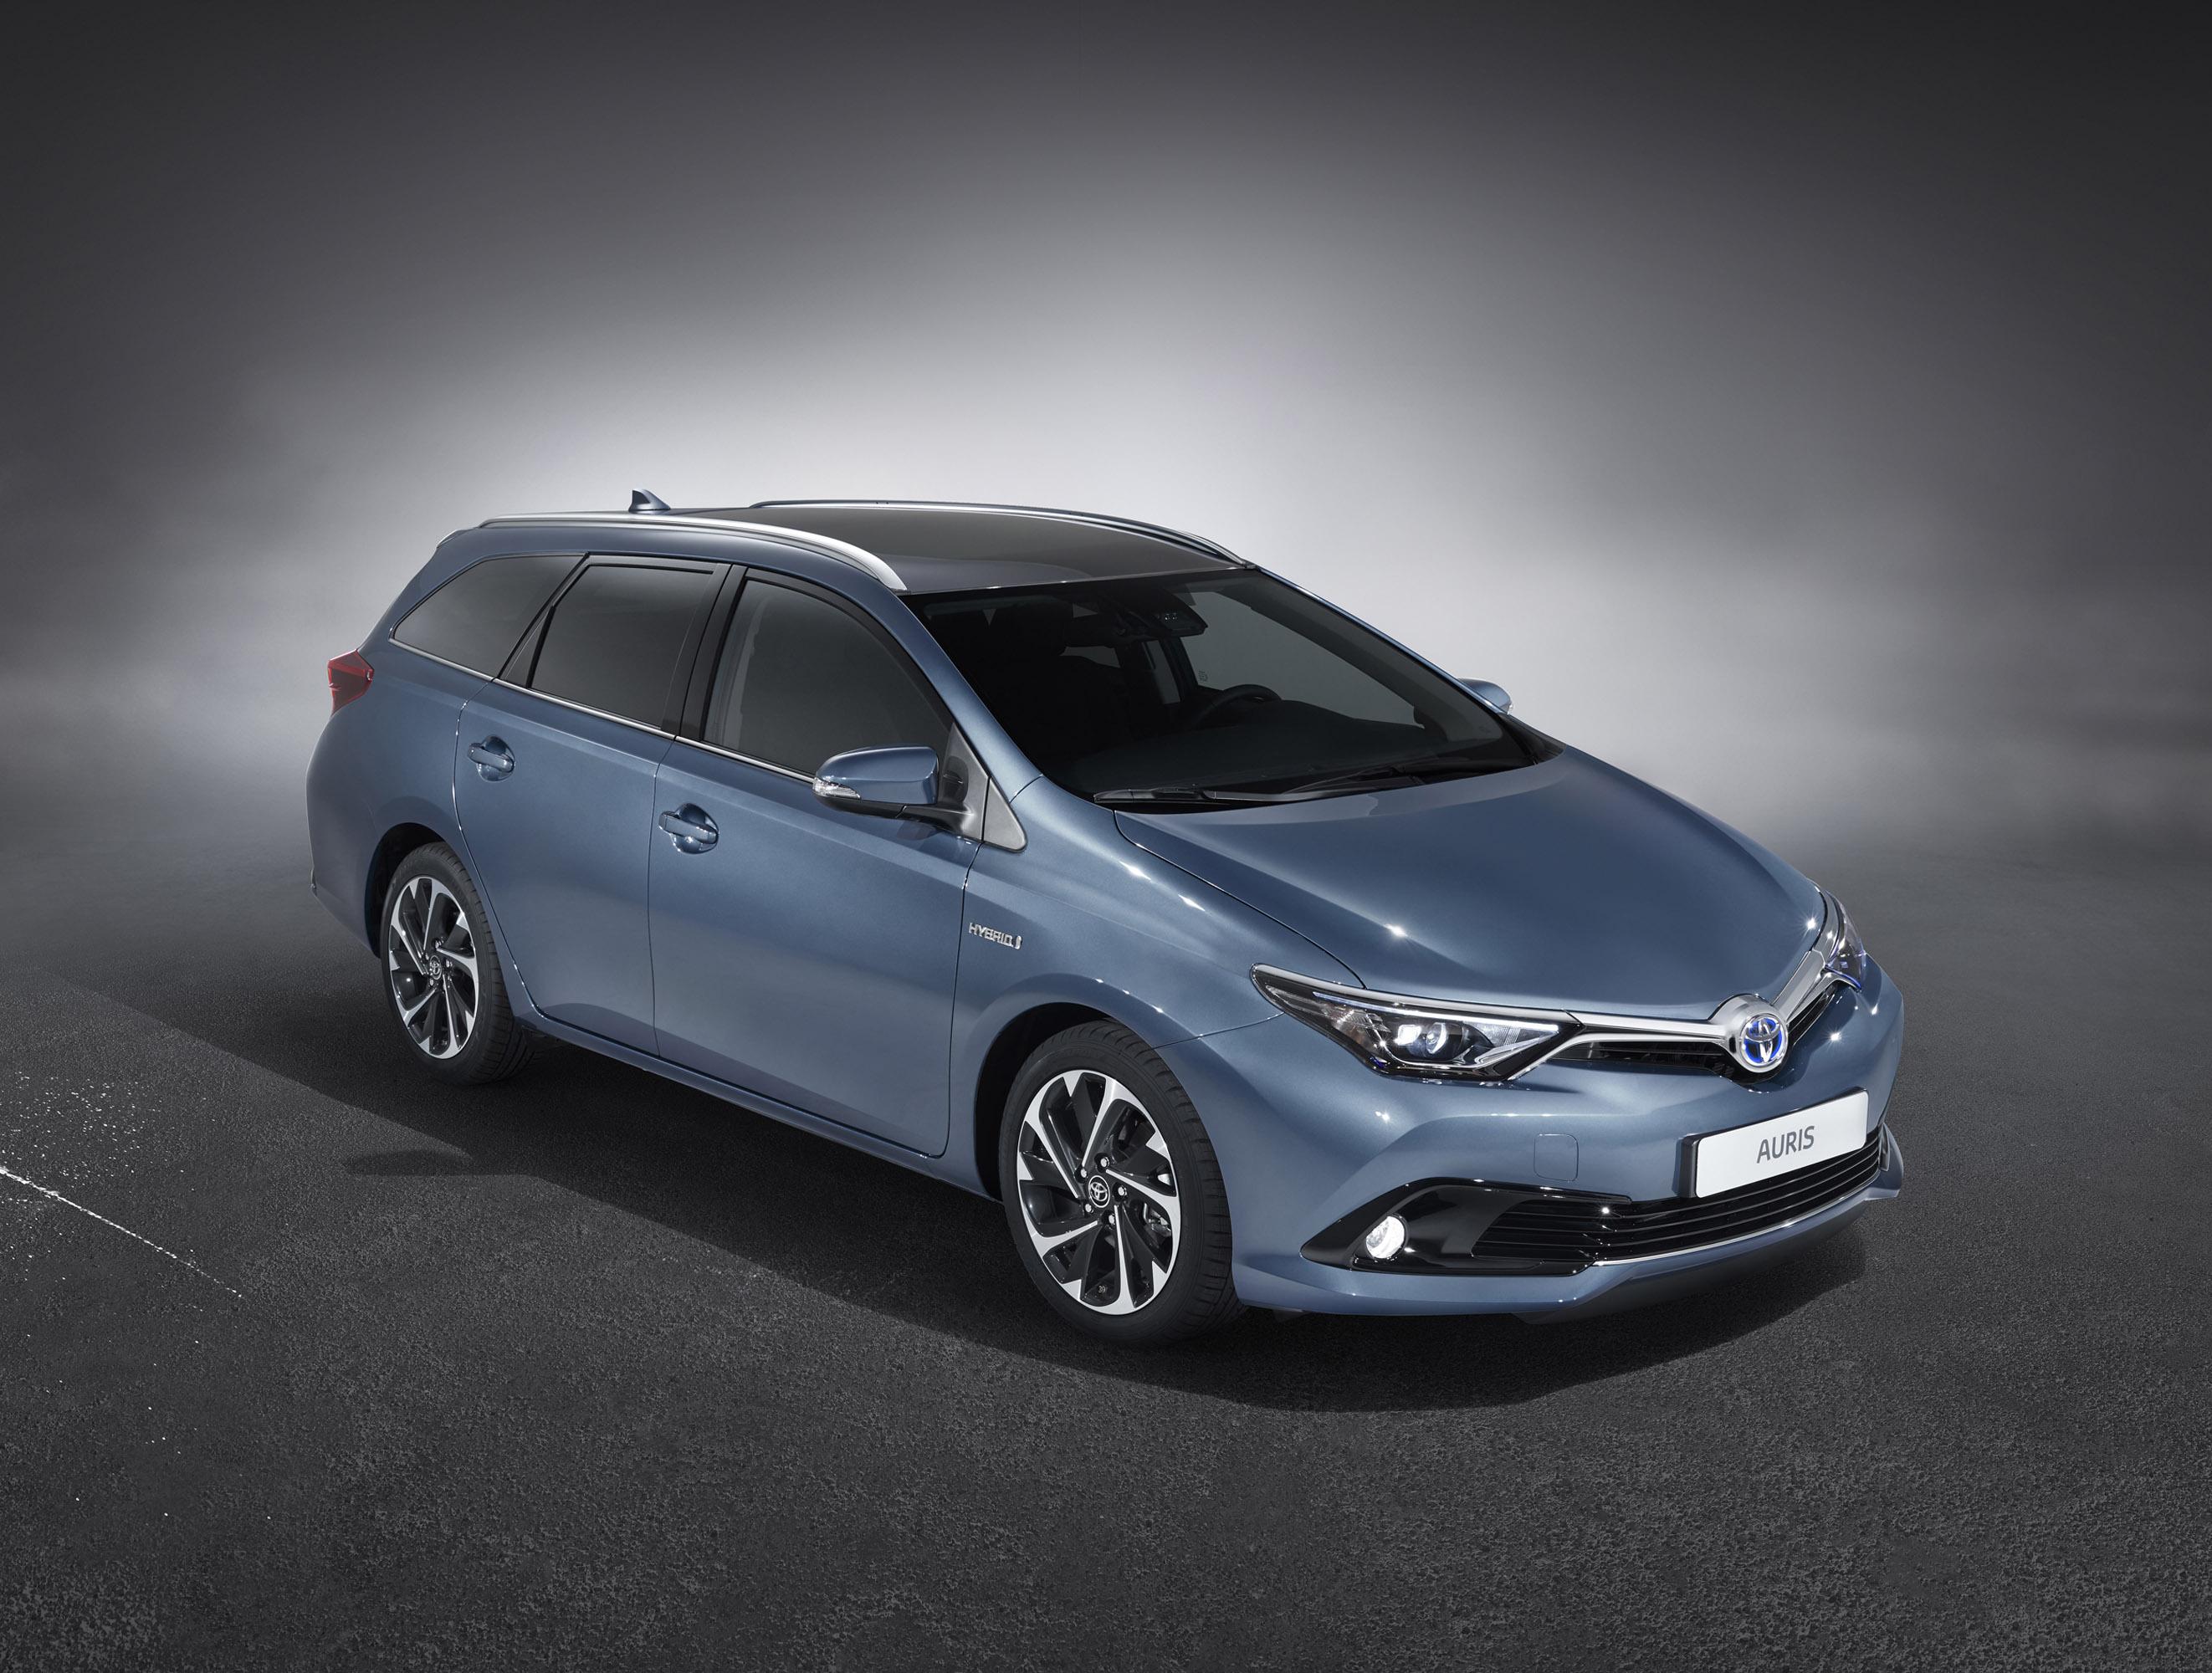 Toyota auris полностью обновится в 2016 году